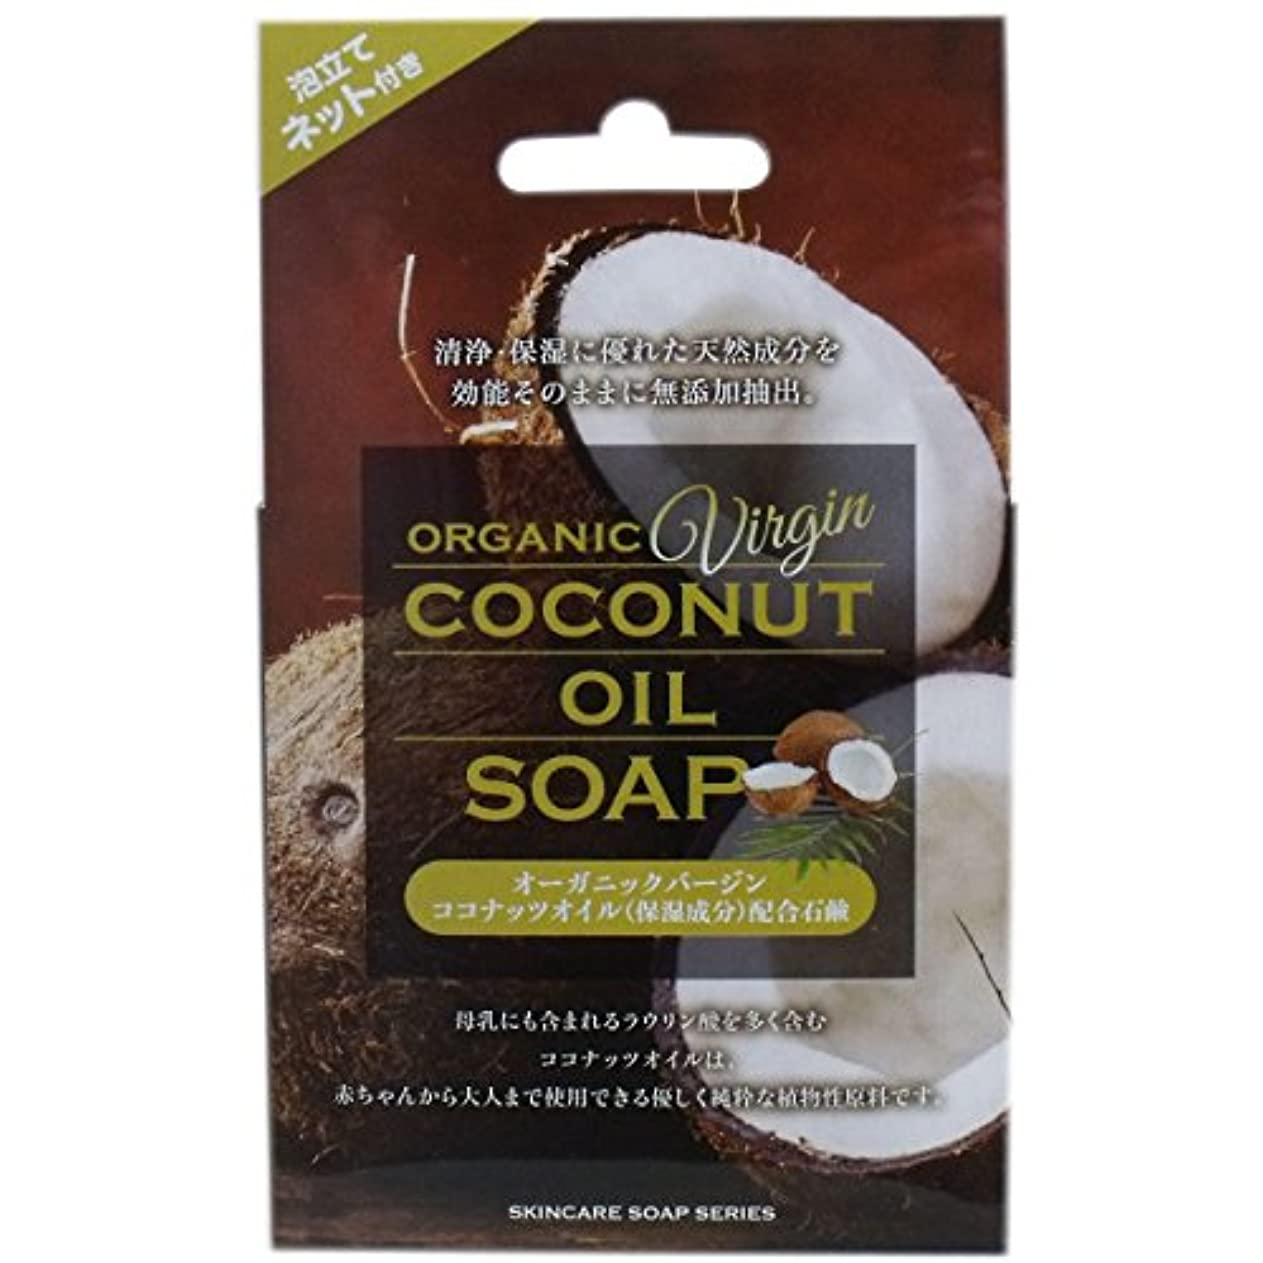 サイレン香水スローガンココナッツオイル配合ソープ 80g 石けん ×3個